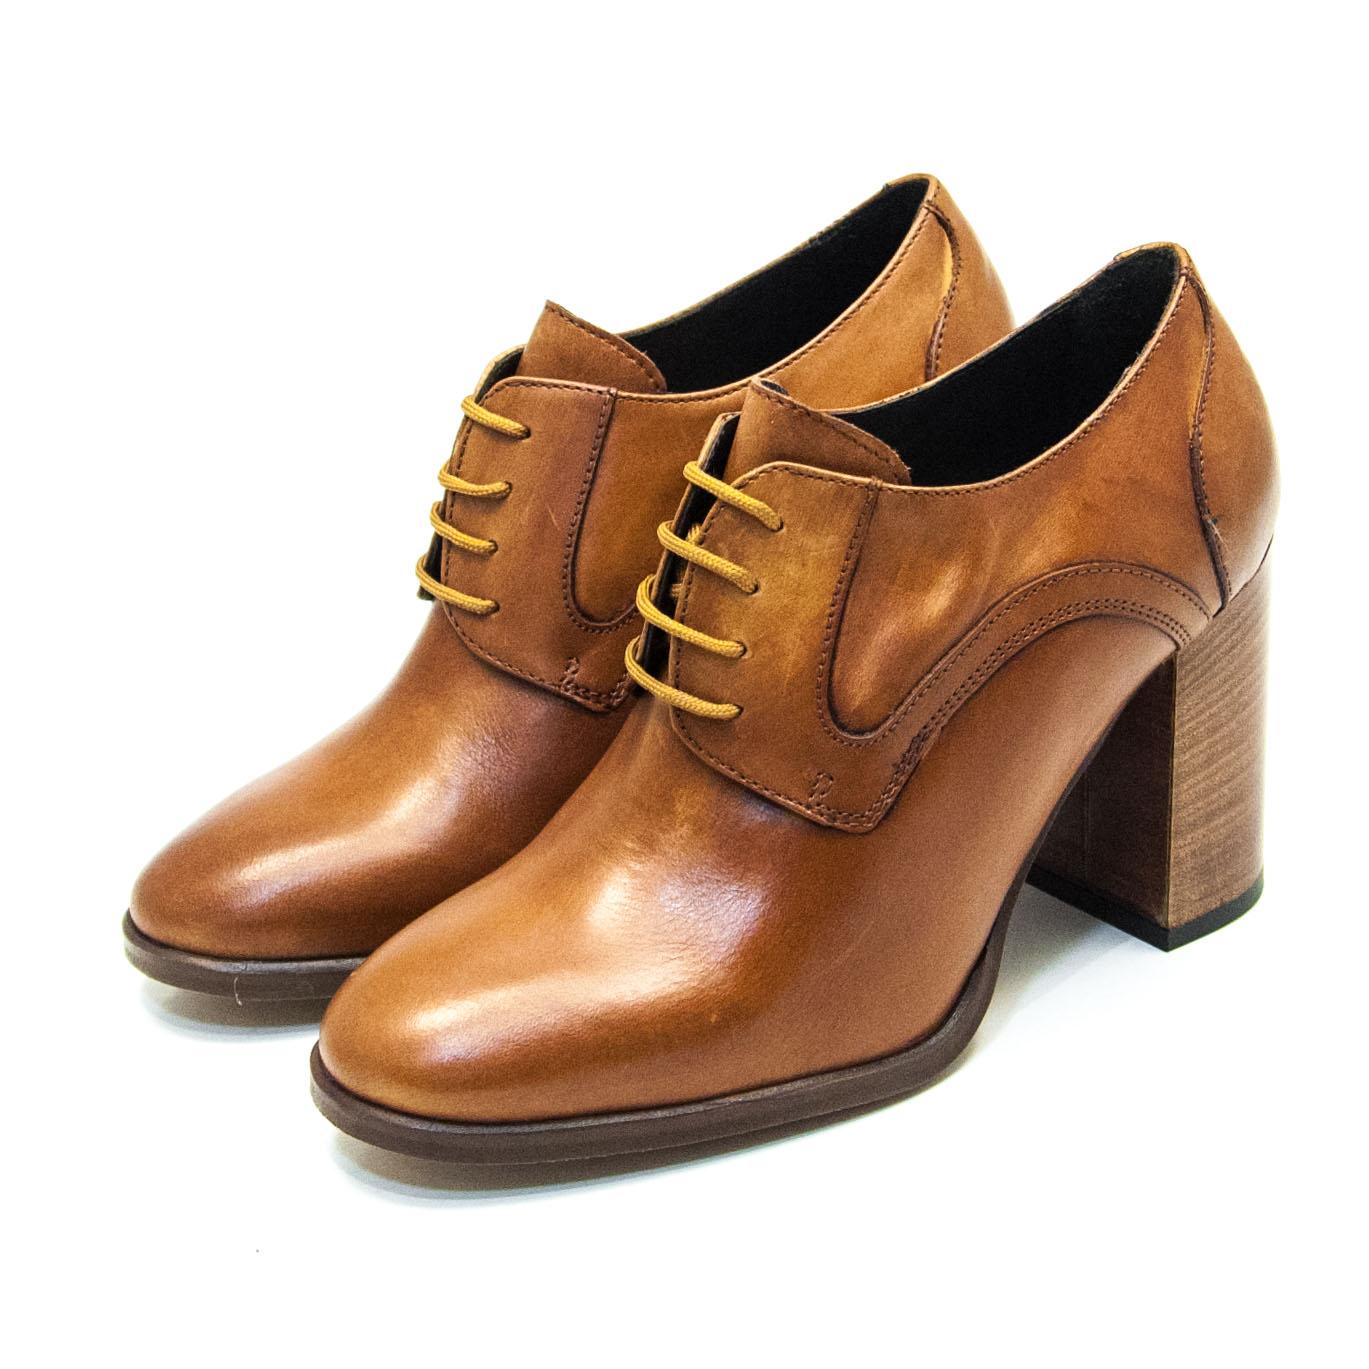 Γυναικείο παπούτσι PAOLA FERRI d31